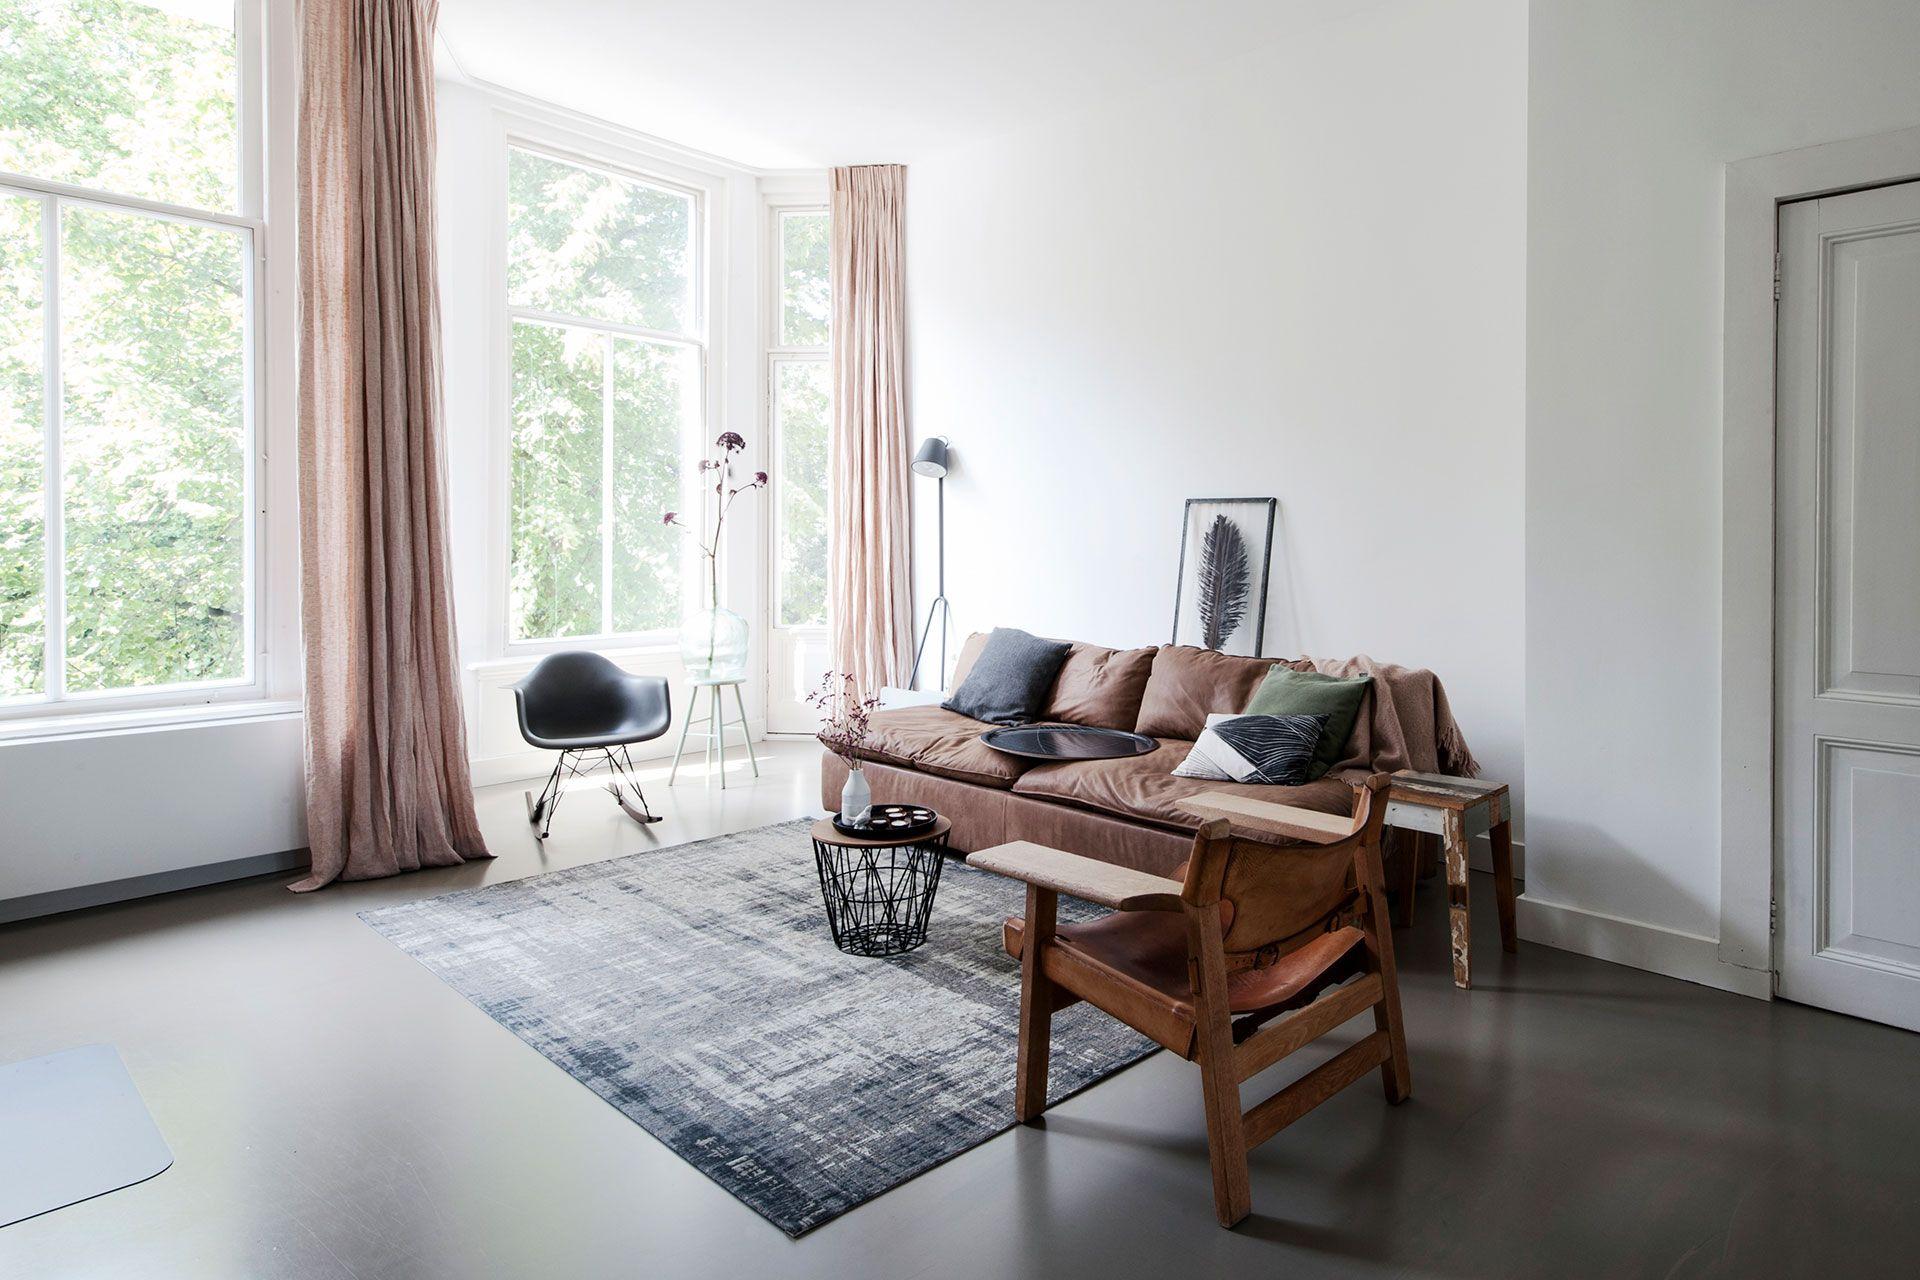 Exclusieve Gietvloer Woonkamer : Gemarmerde betonlook by residential flooring moderne woonkamer